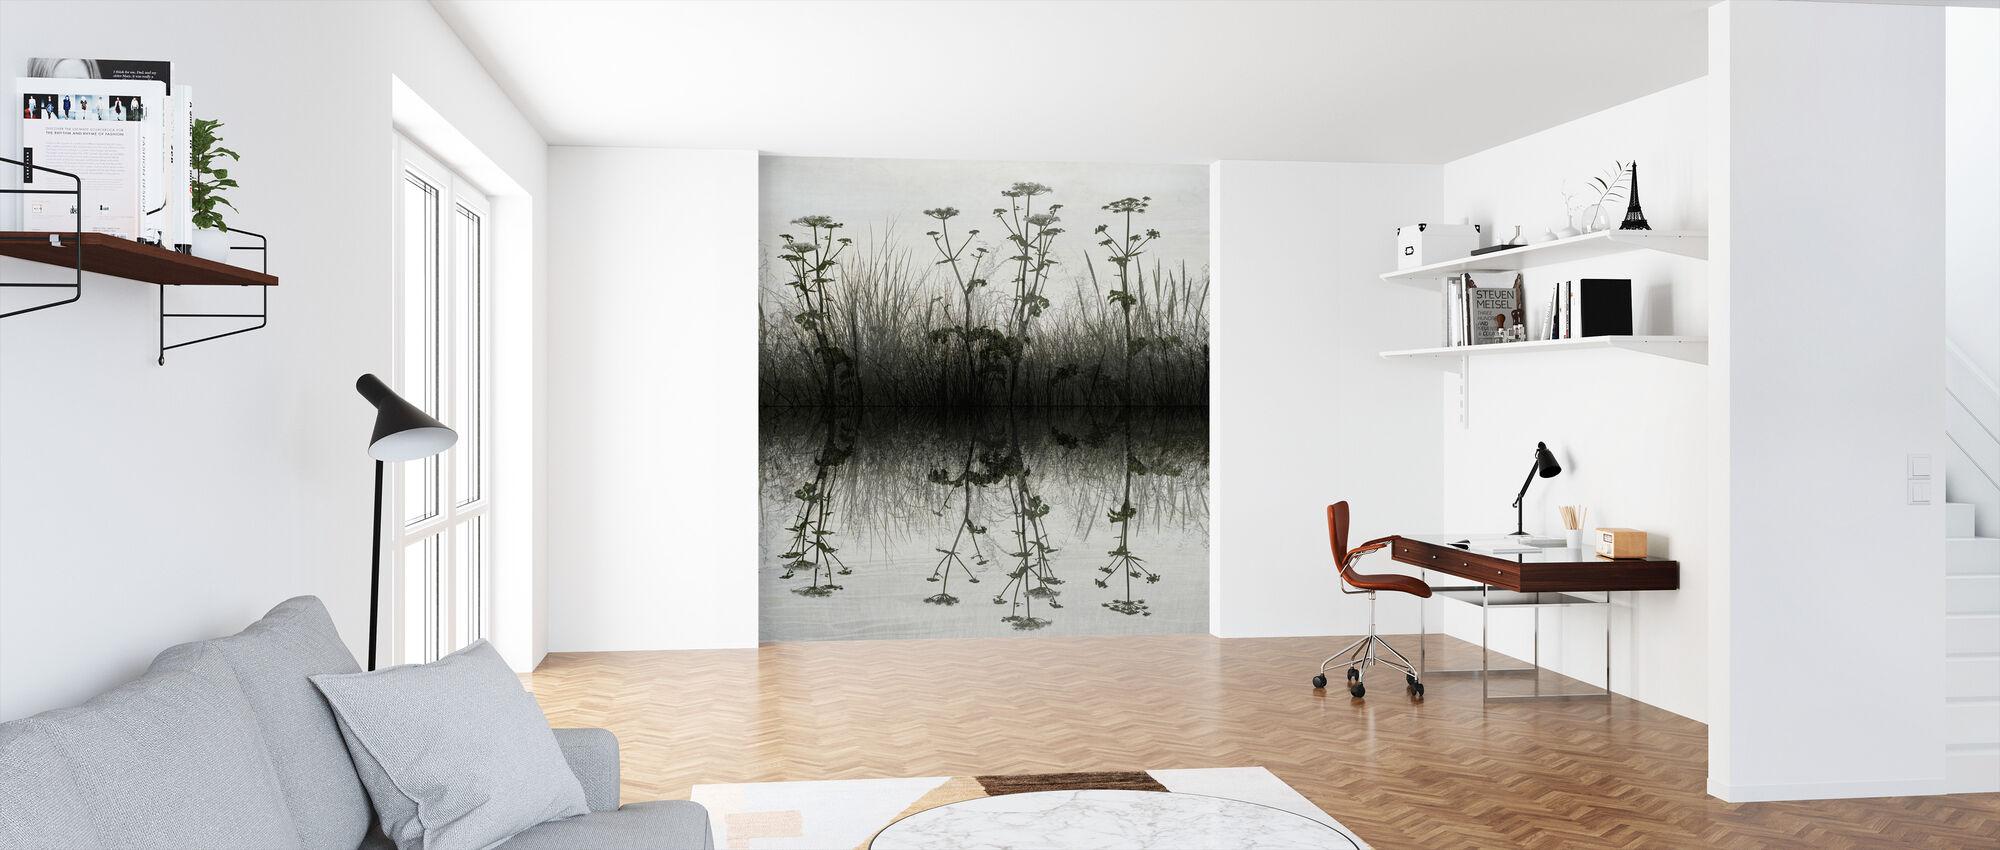 Blommig Vatten Reflektion - Tapet - Kontor